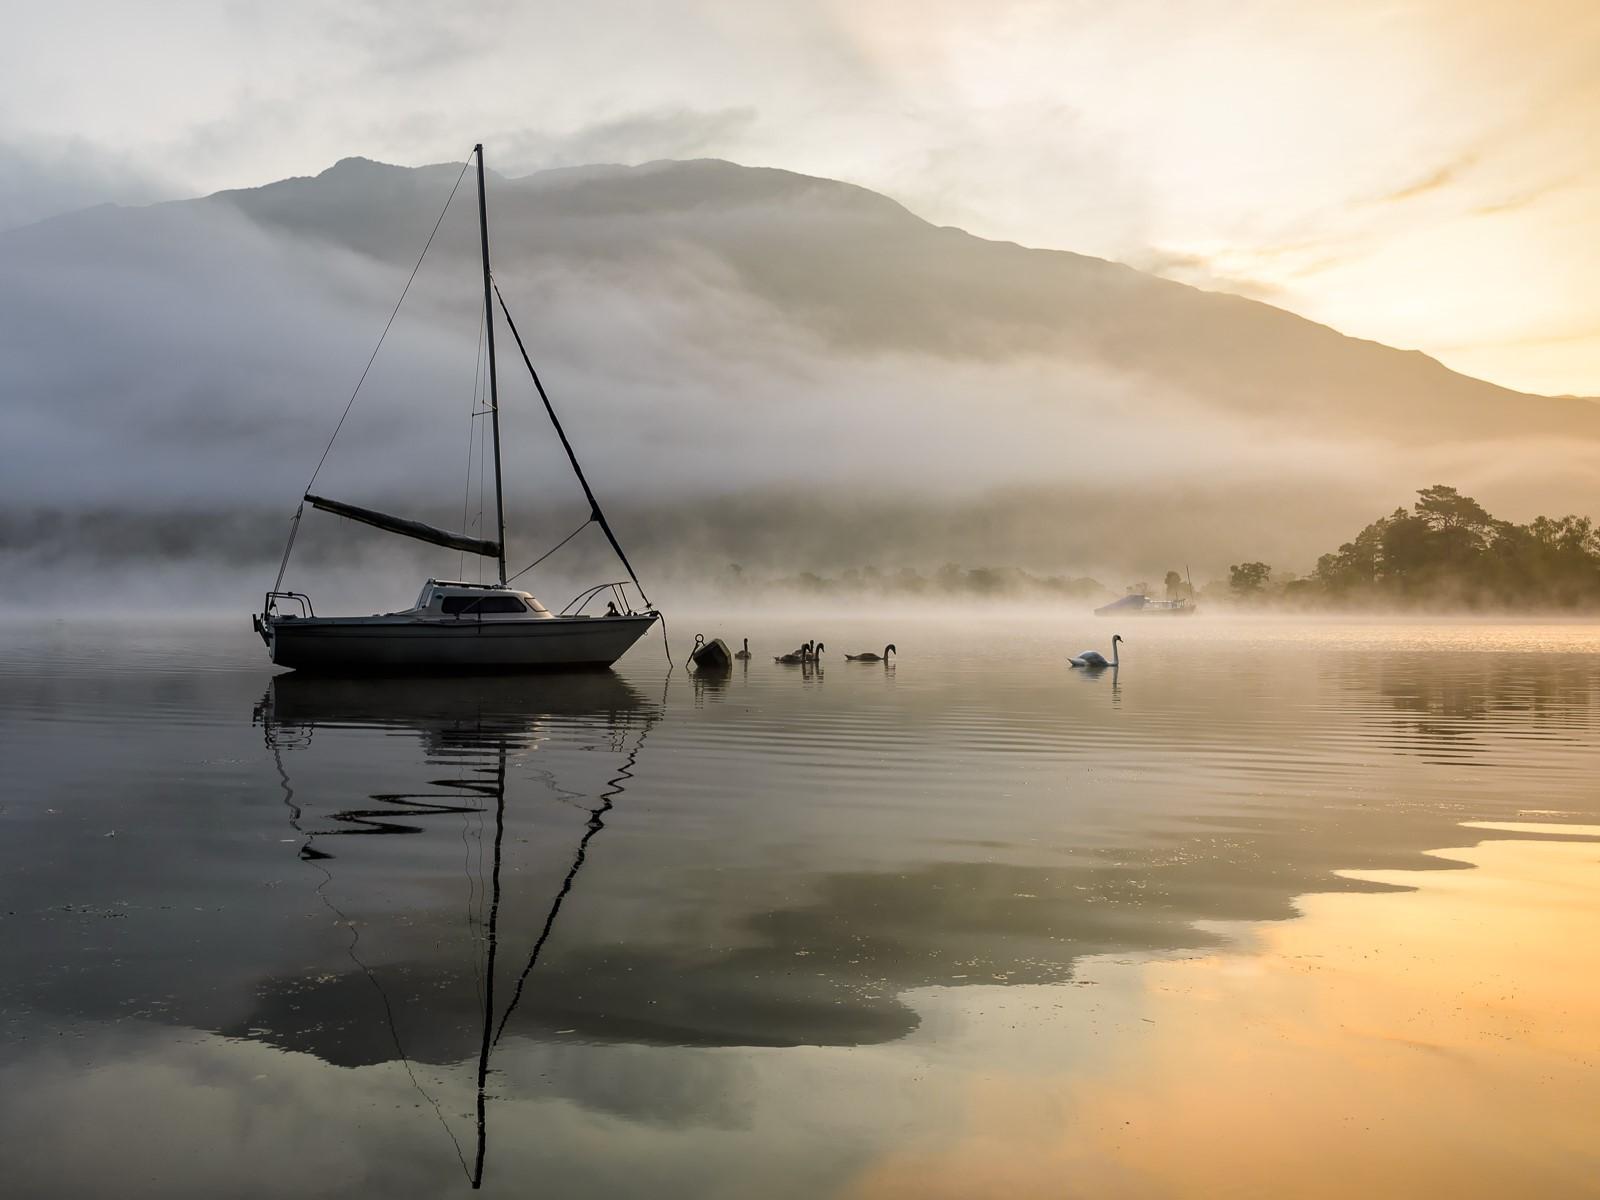 Misty Morning - Ullswater